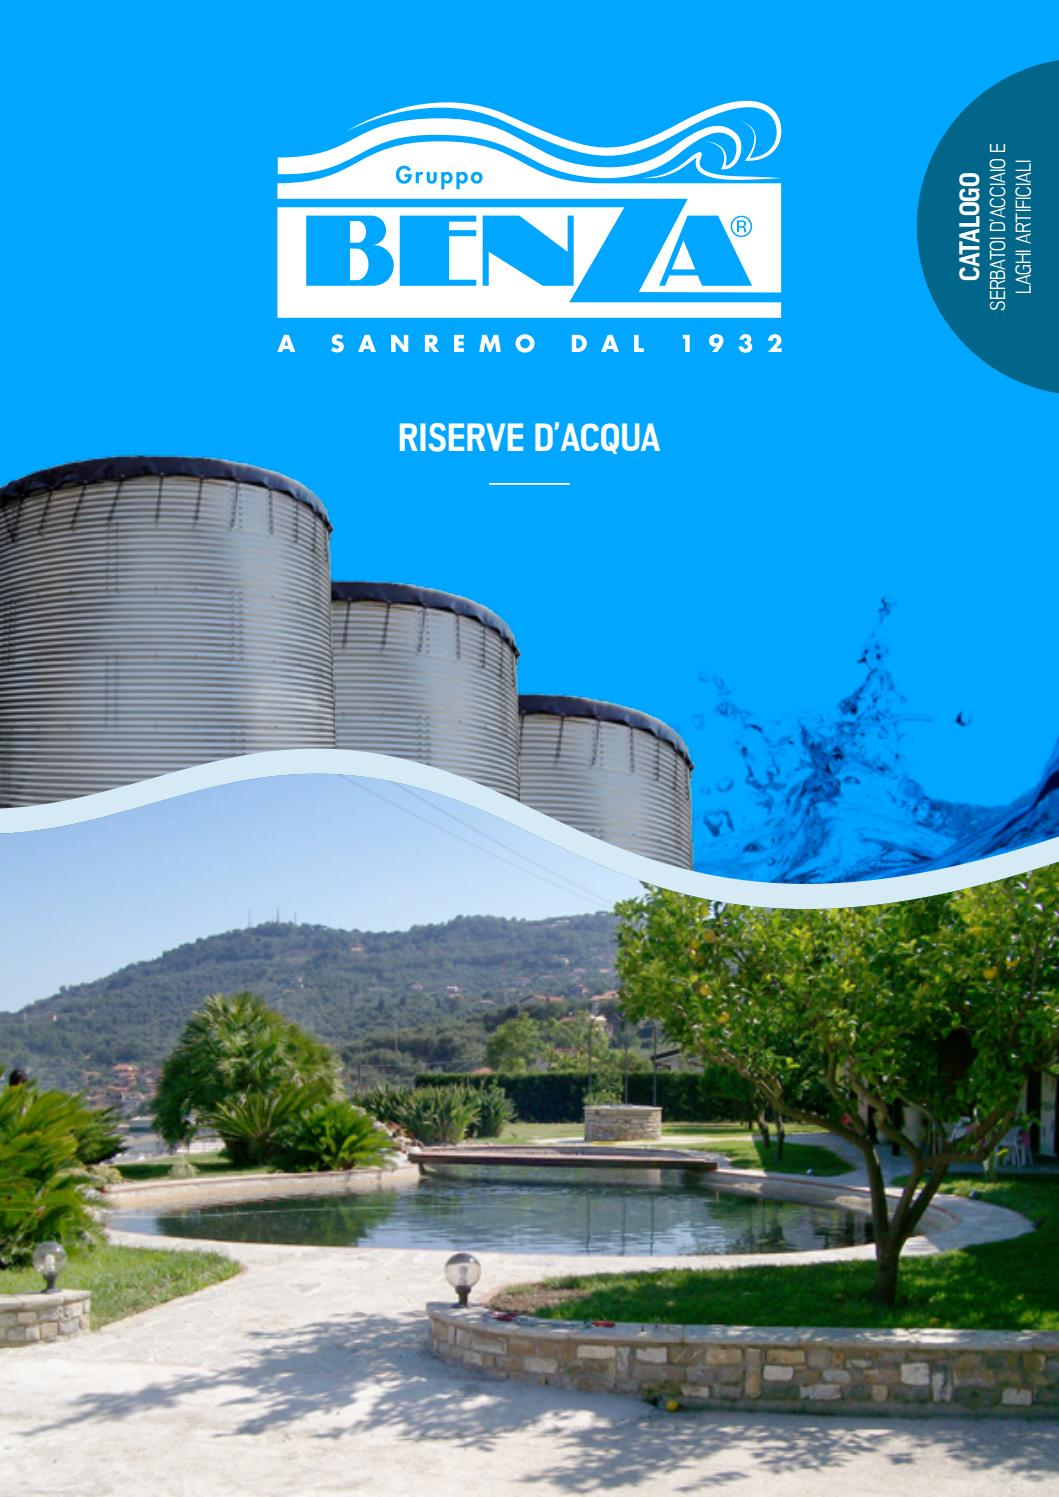 Telo Per Laghetto Da Giardino benza - riserve d'acqua by benza s.r.l. - issuu